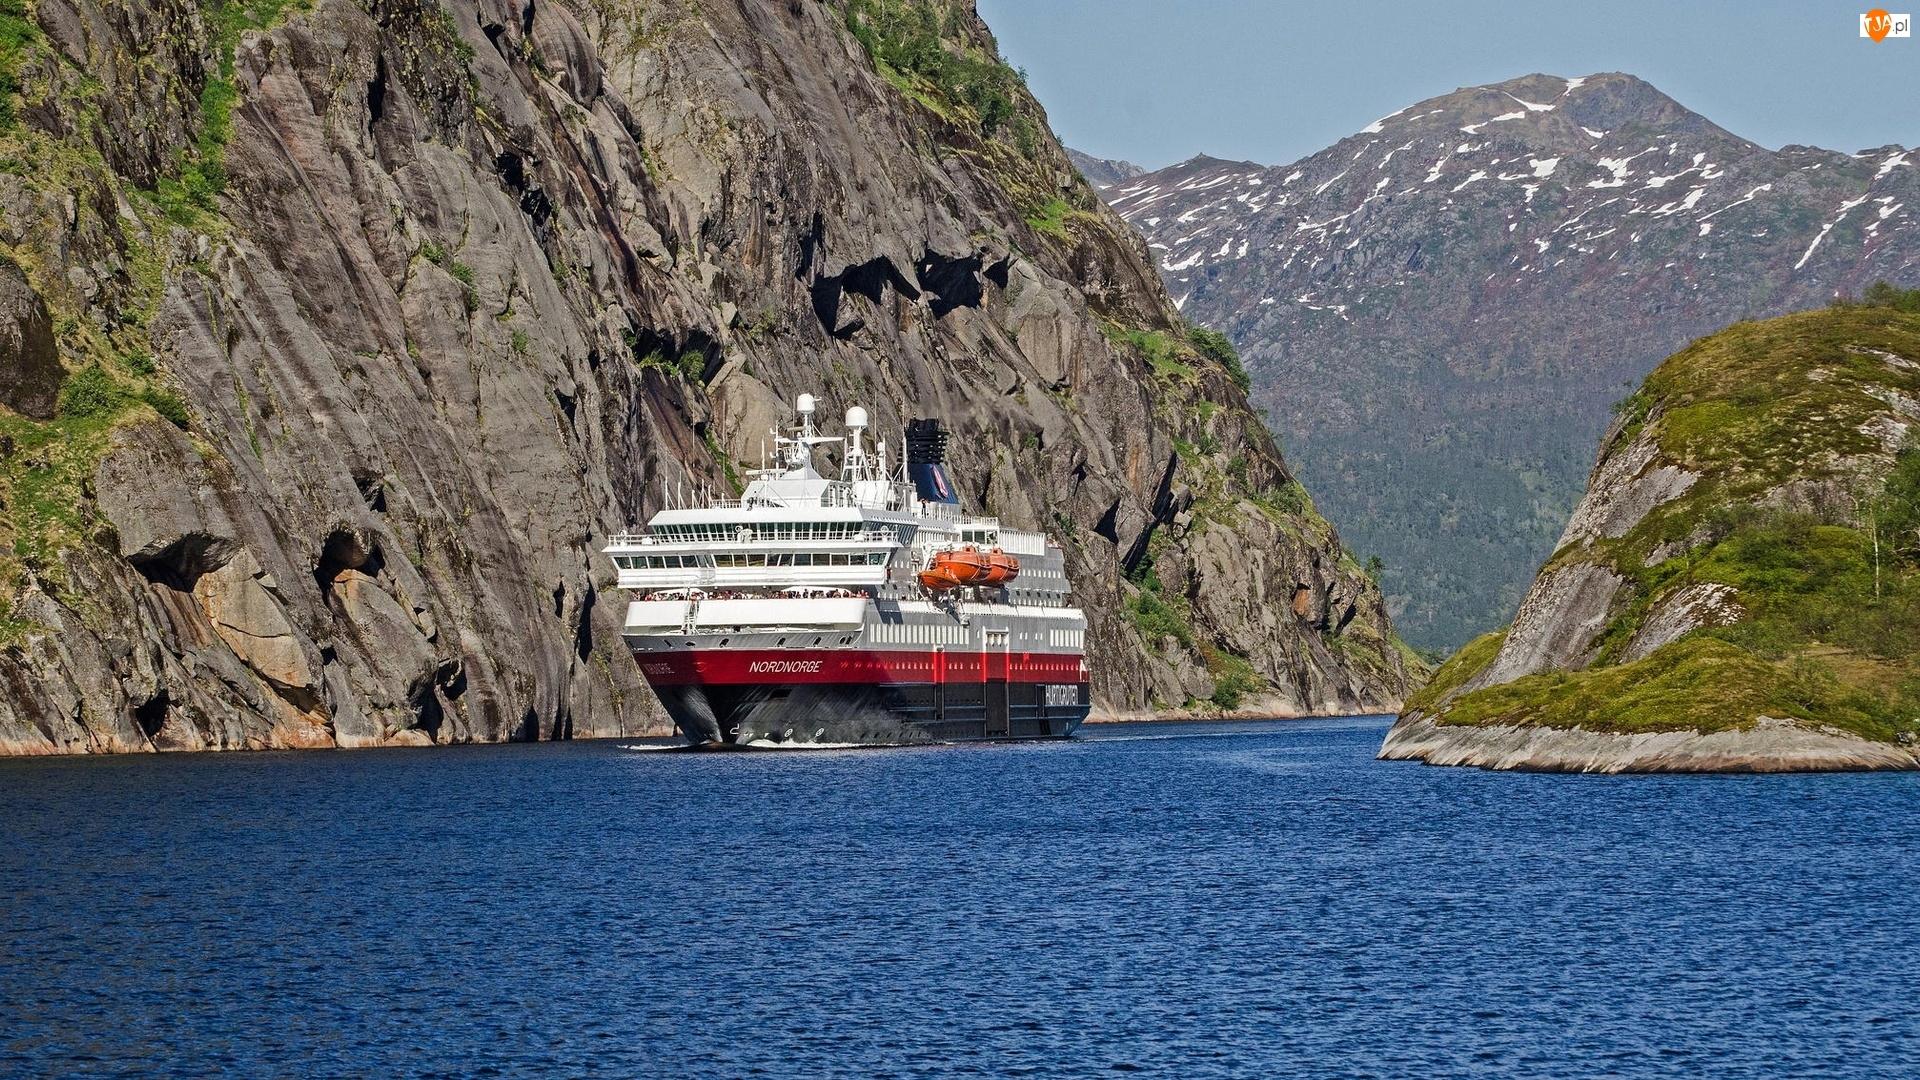 Norwegia, Statek, Góry, Morze, Skały